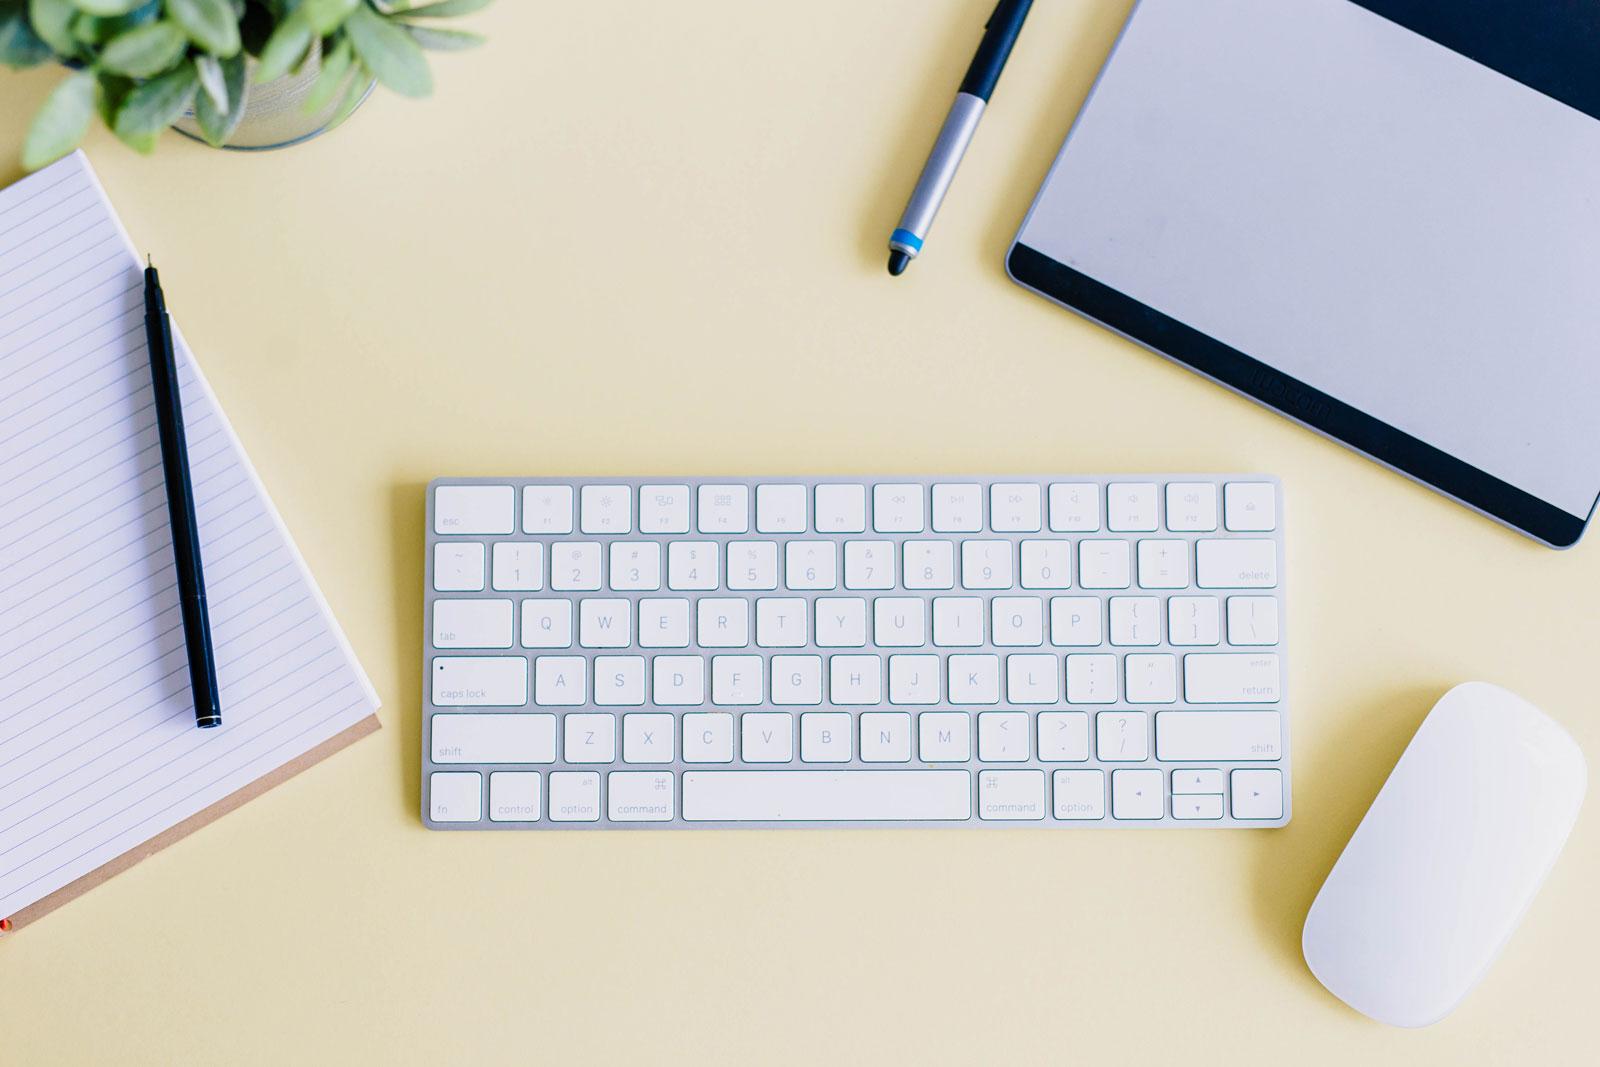 Bilde av arbeidspult med penn, papir, en grønn plante, tastatur, mus og datamaskin